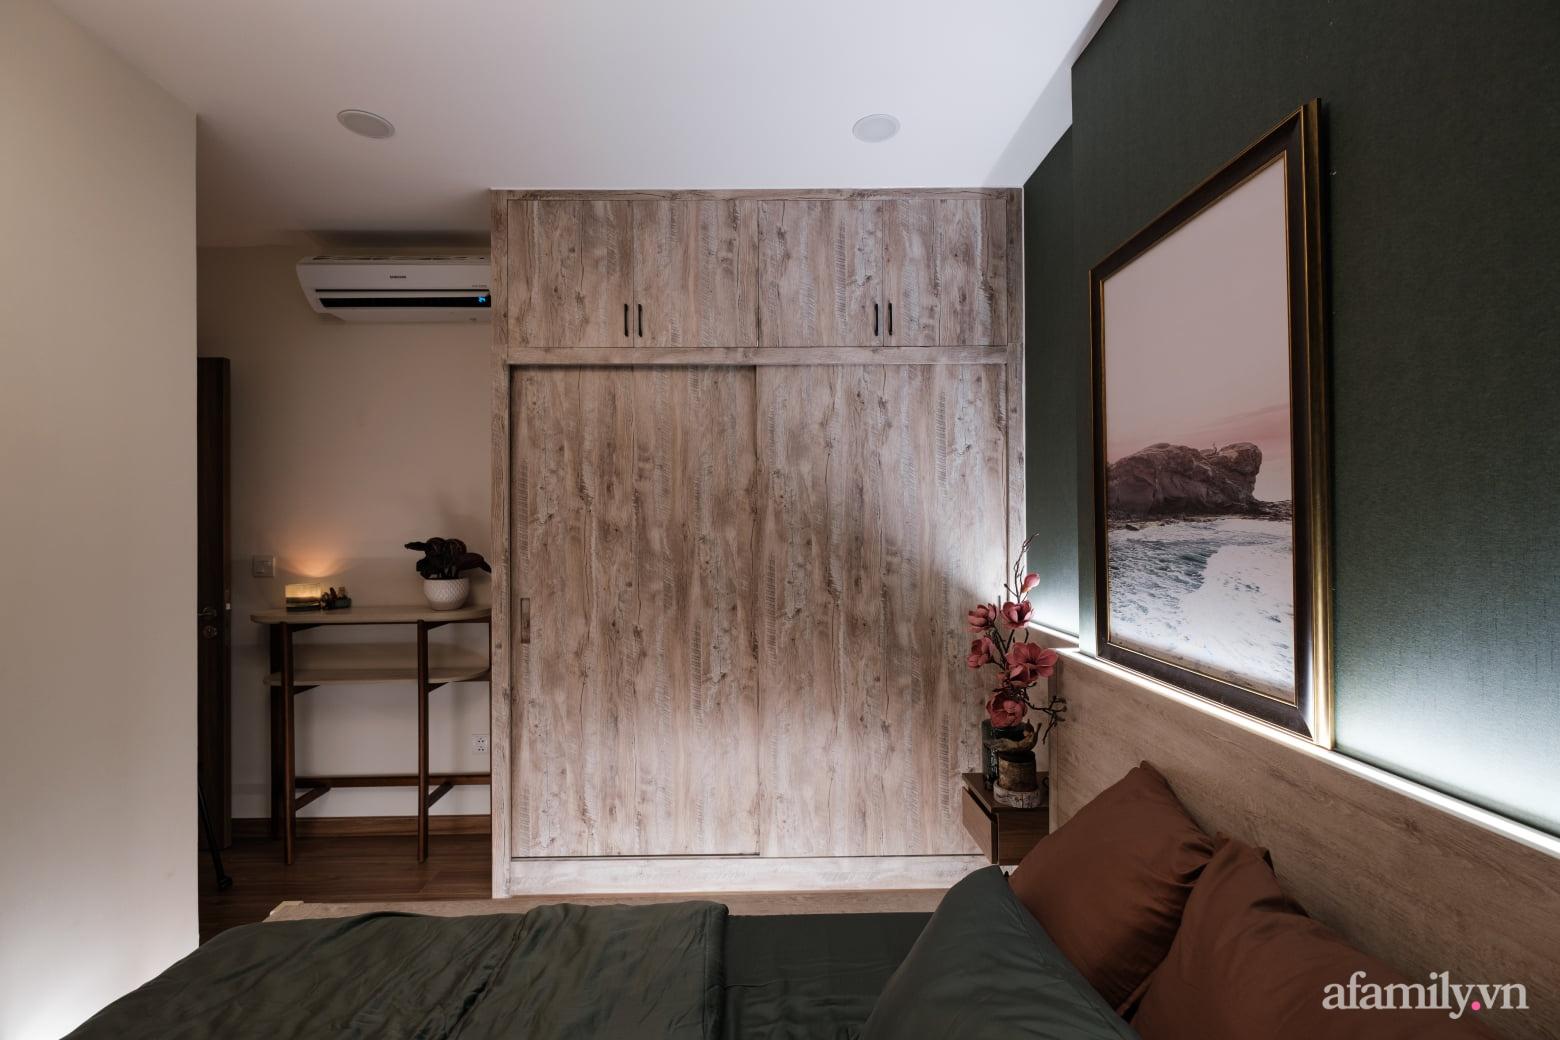 Căn hộ 60m² đẹp tĩnh lặng và tinh tế mang hơi thở của Zen ở quận 7 Sài Gòn - Ảnh 28.